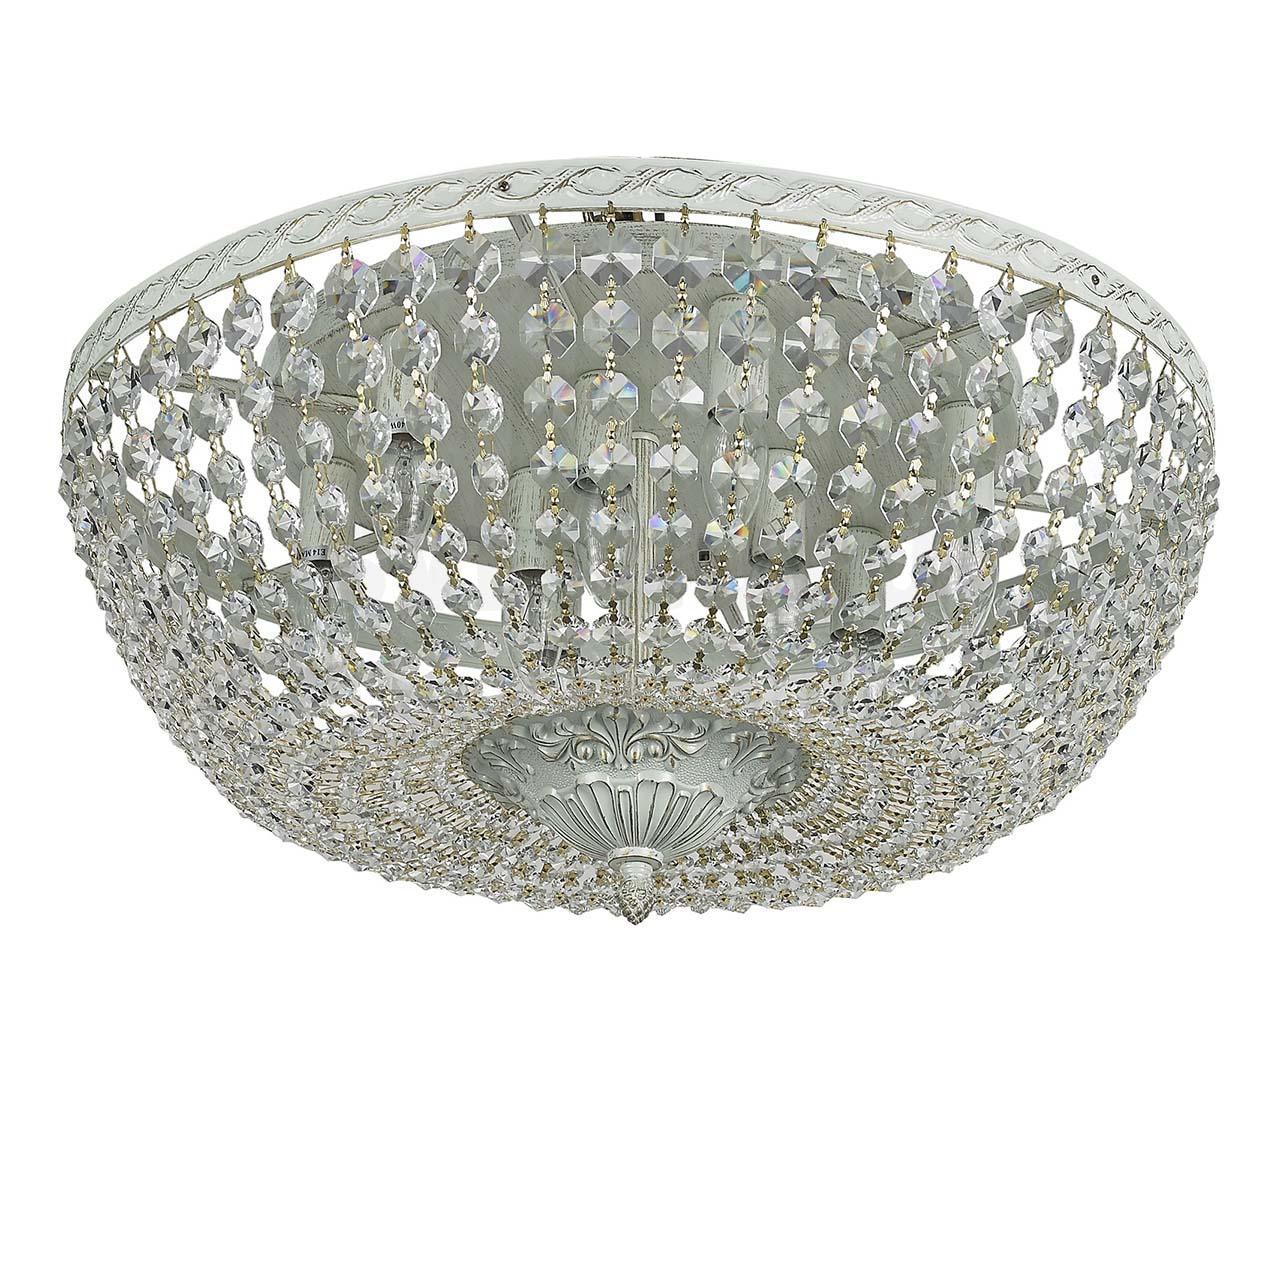 Купить Потолочный светильник Donolux Palazzo C в интернет магазине дизайнерской мебели и аксессуаров для дома и дачи